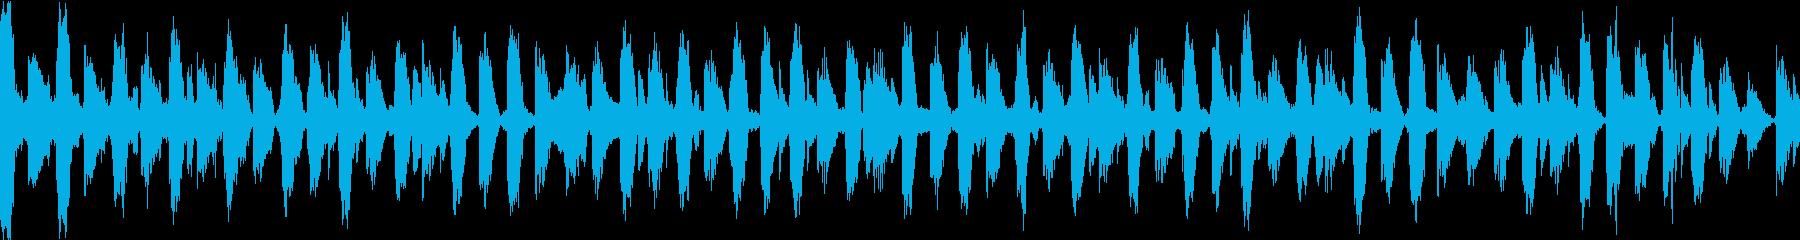 【ループA】レトロでコミカルなダンスの再生済みの波形